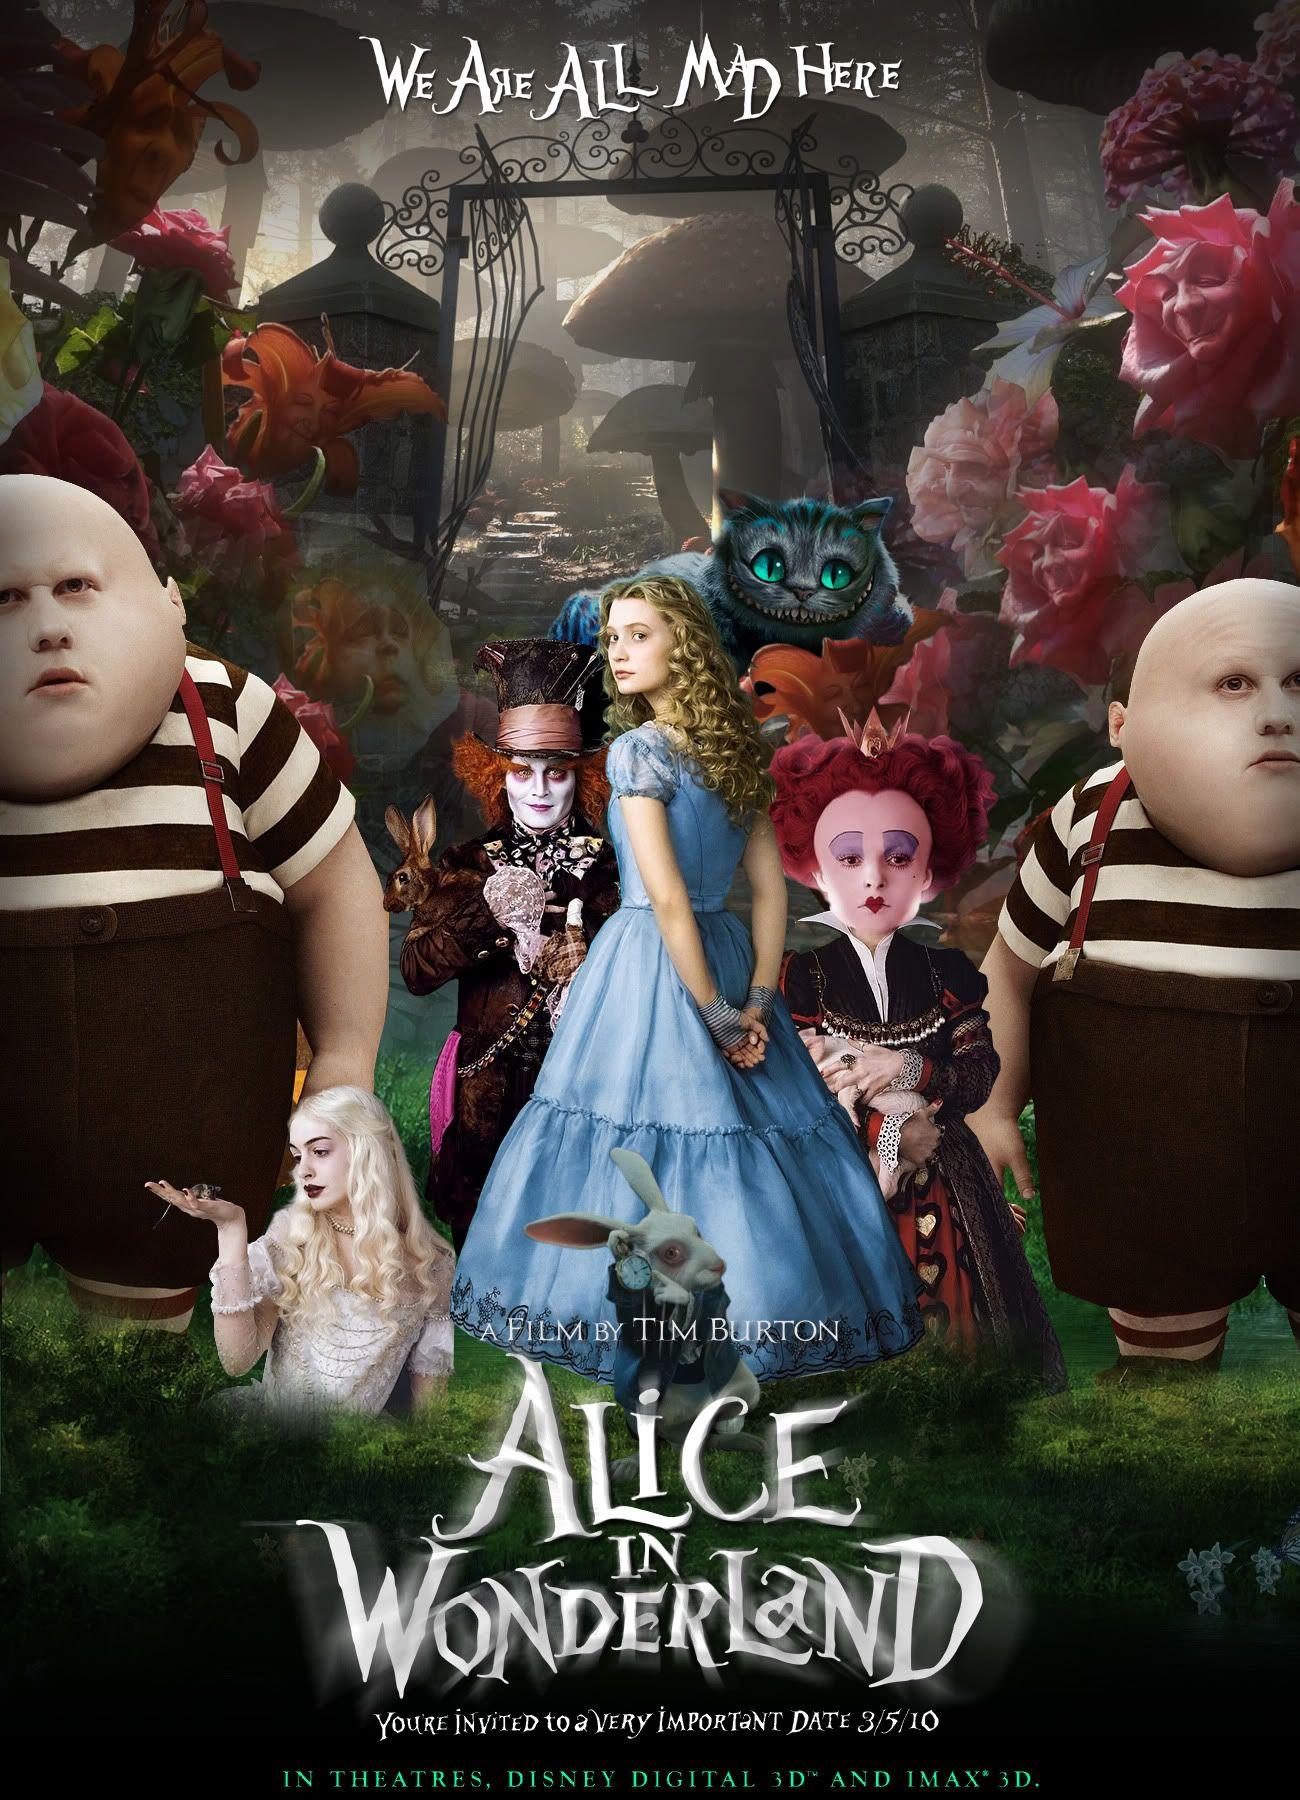 หนังน่าดู : Alice in Wonderland อลิซในแดนมหัศจรรย์ - รีวิวหนัง